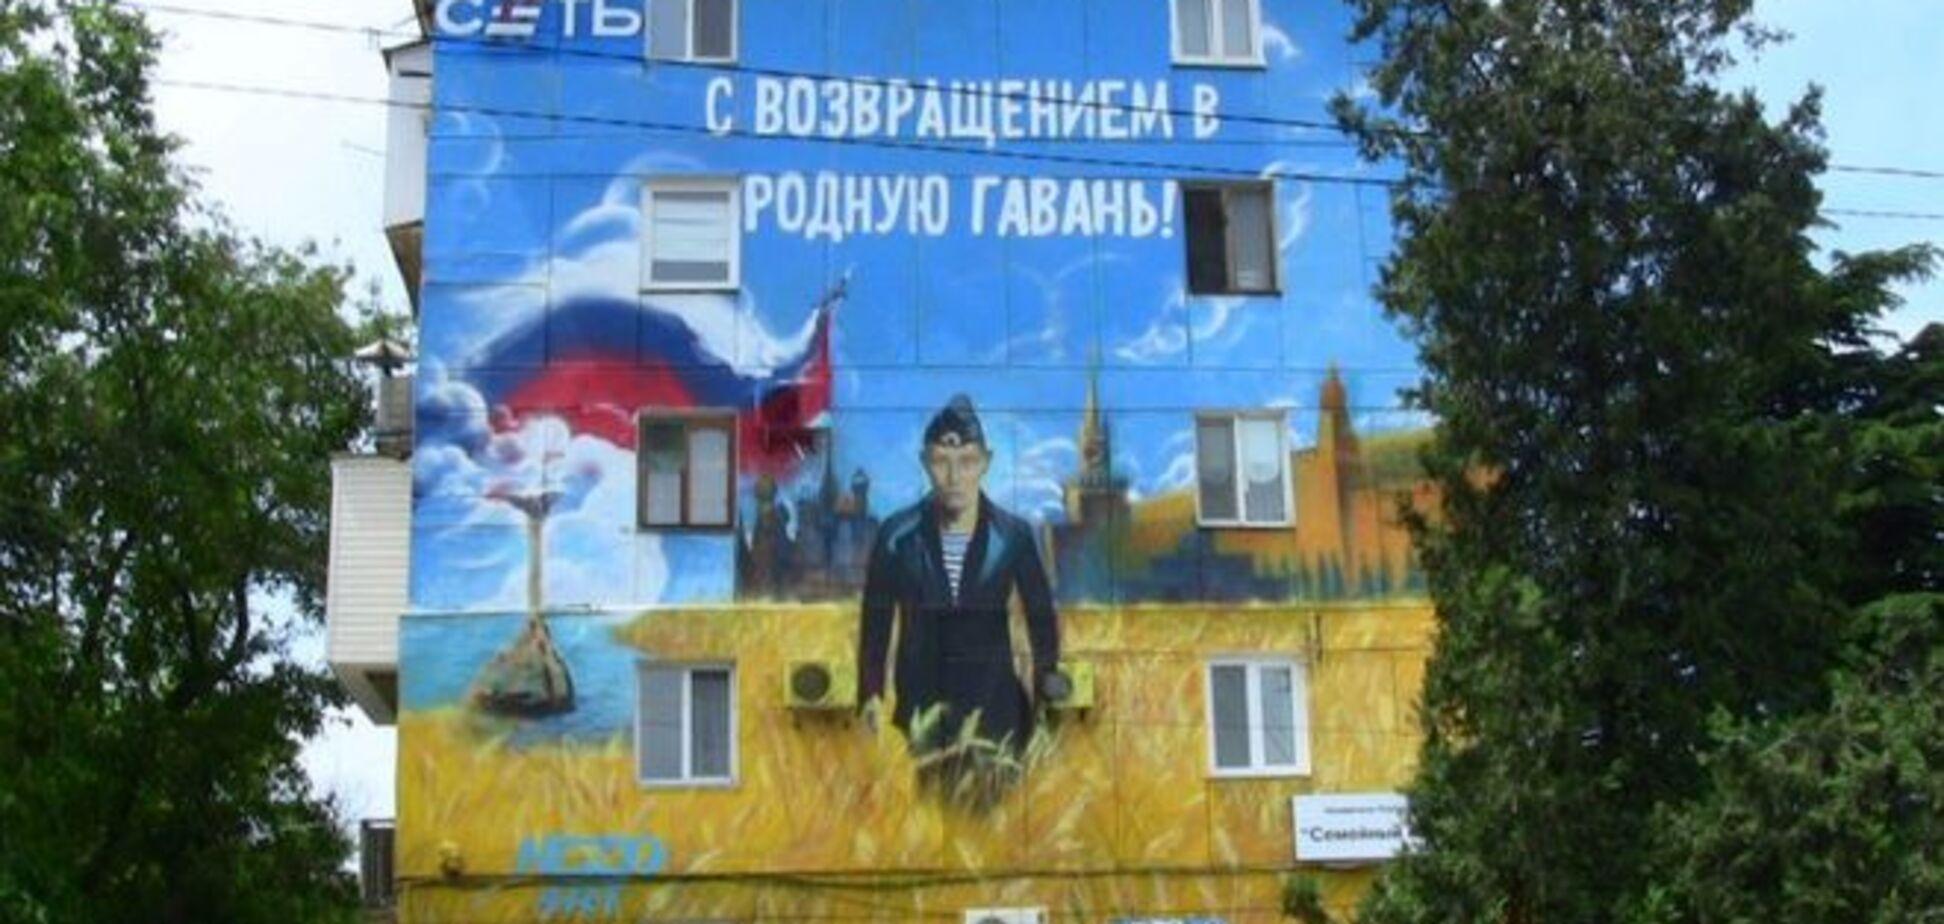 Путин посыпался: люди в Севастополе возмущены и требуют разобраться